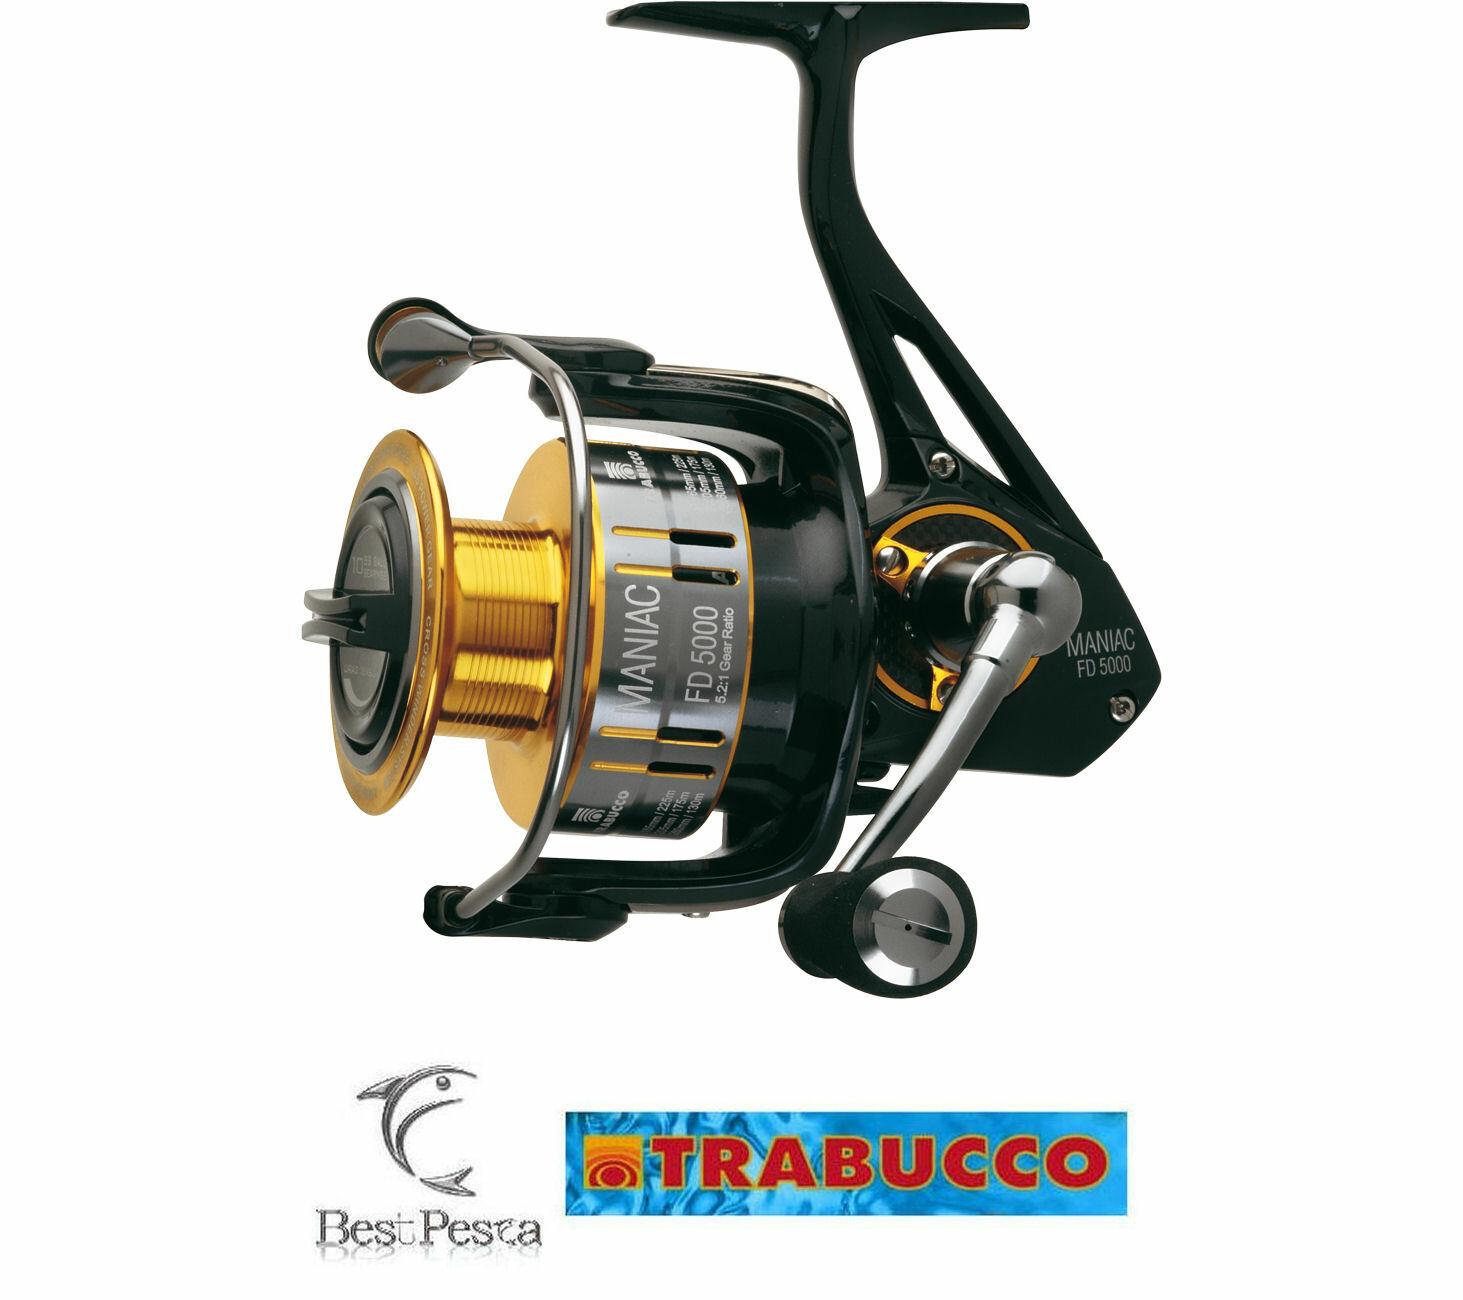 Mulinello TRABUCCO MANIAC FD 4000 - codice 034-11-400